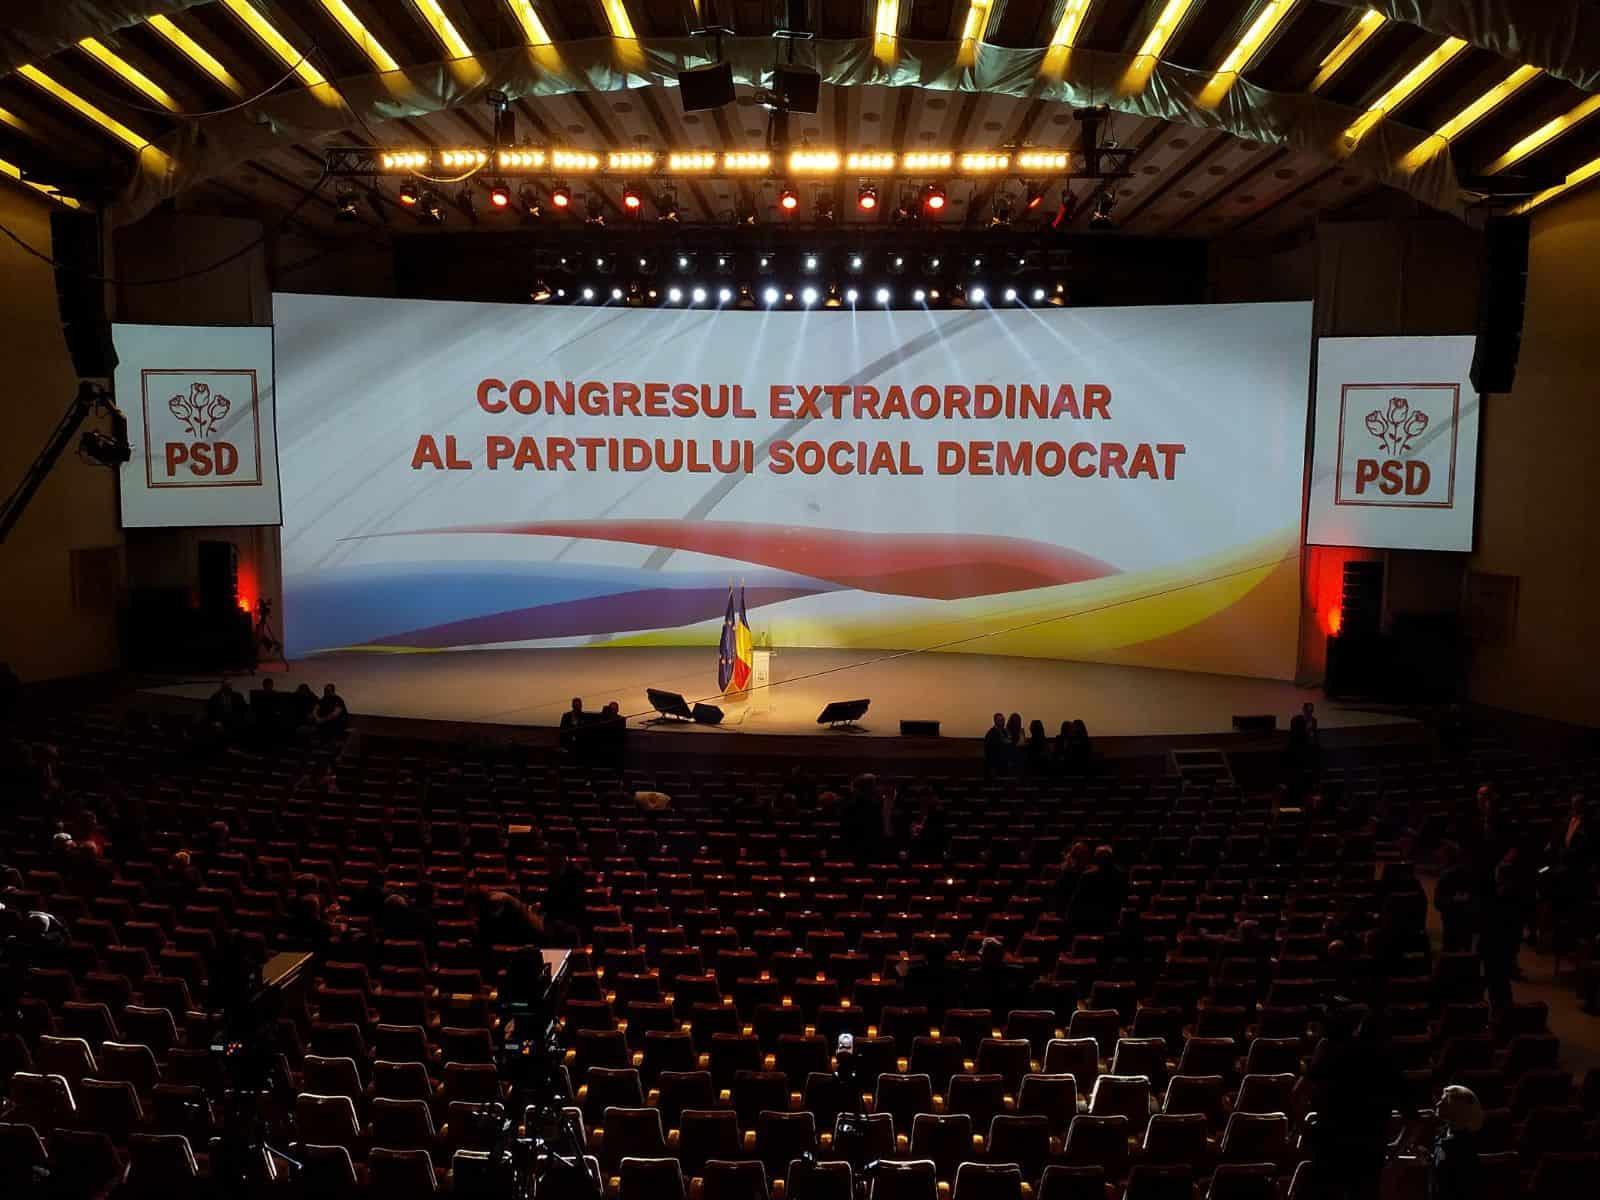 congres psd3